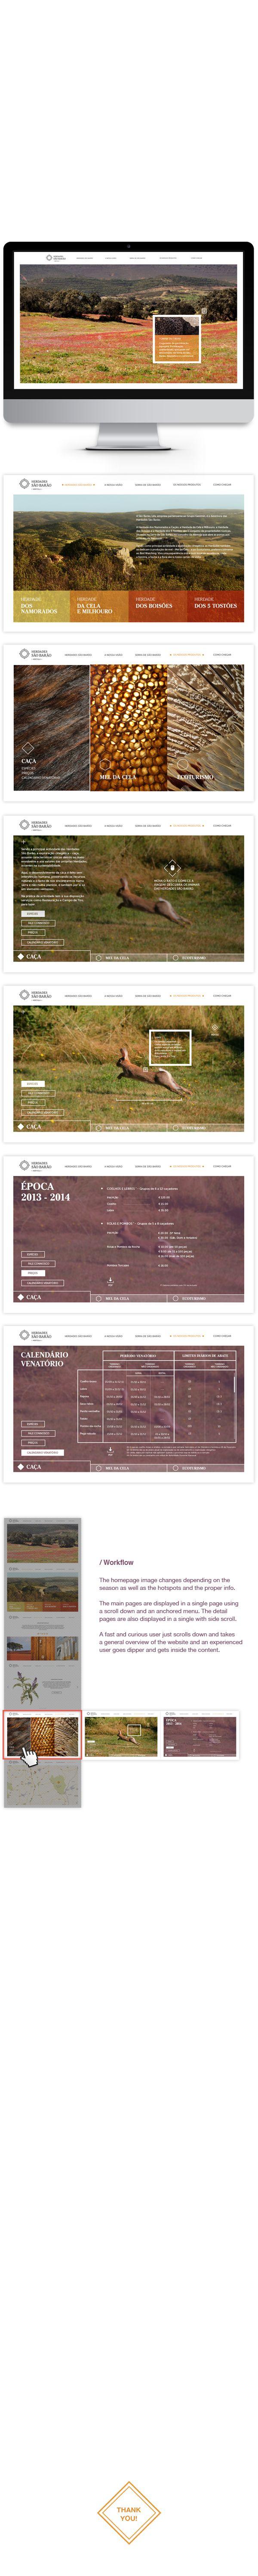 """Contest for the re branding and re design of the web site """"Herdades de São Barão""""."""